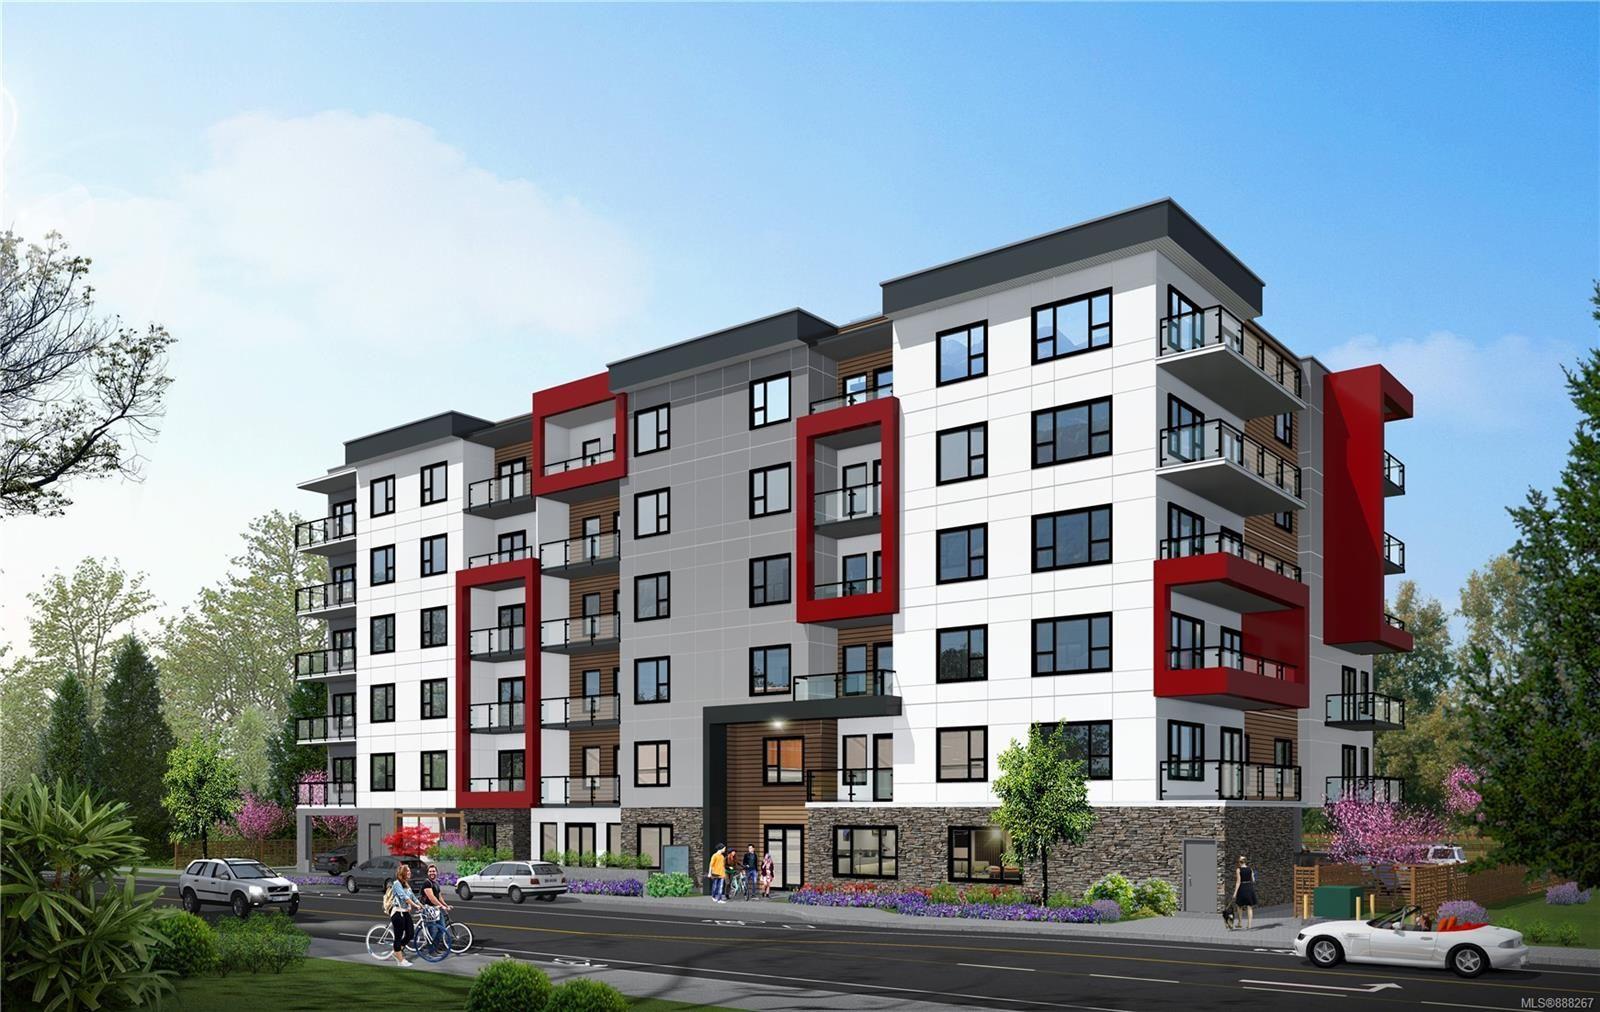 Main Photo: 402 810 Orono Ave in Langford: La Langford Proper Condo for sale : MLS®# 888267